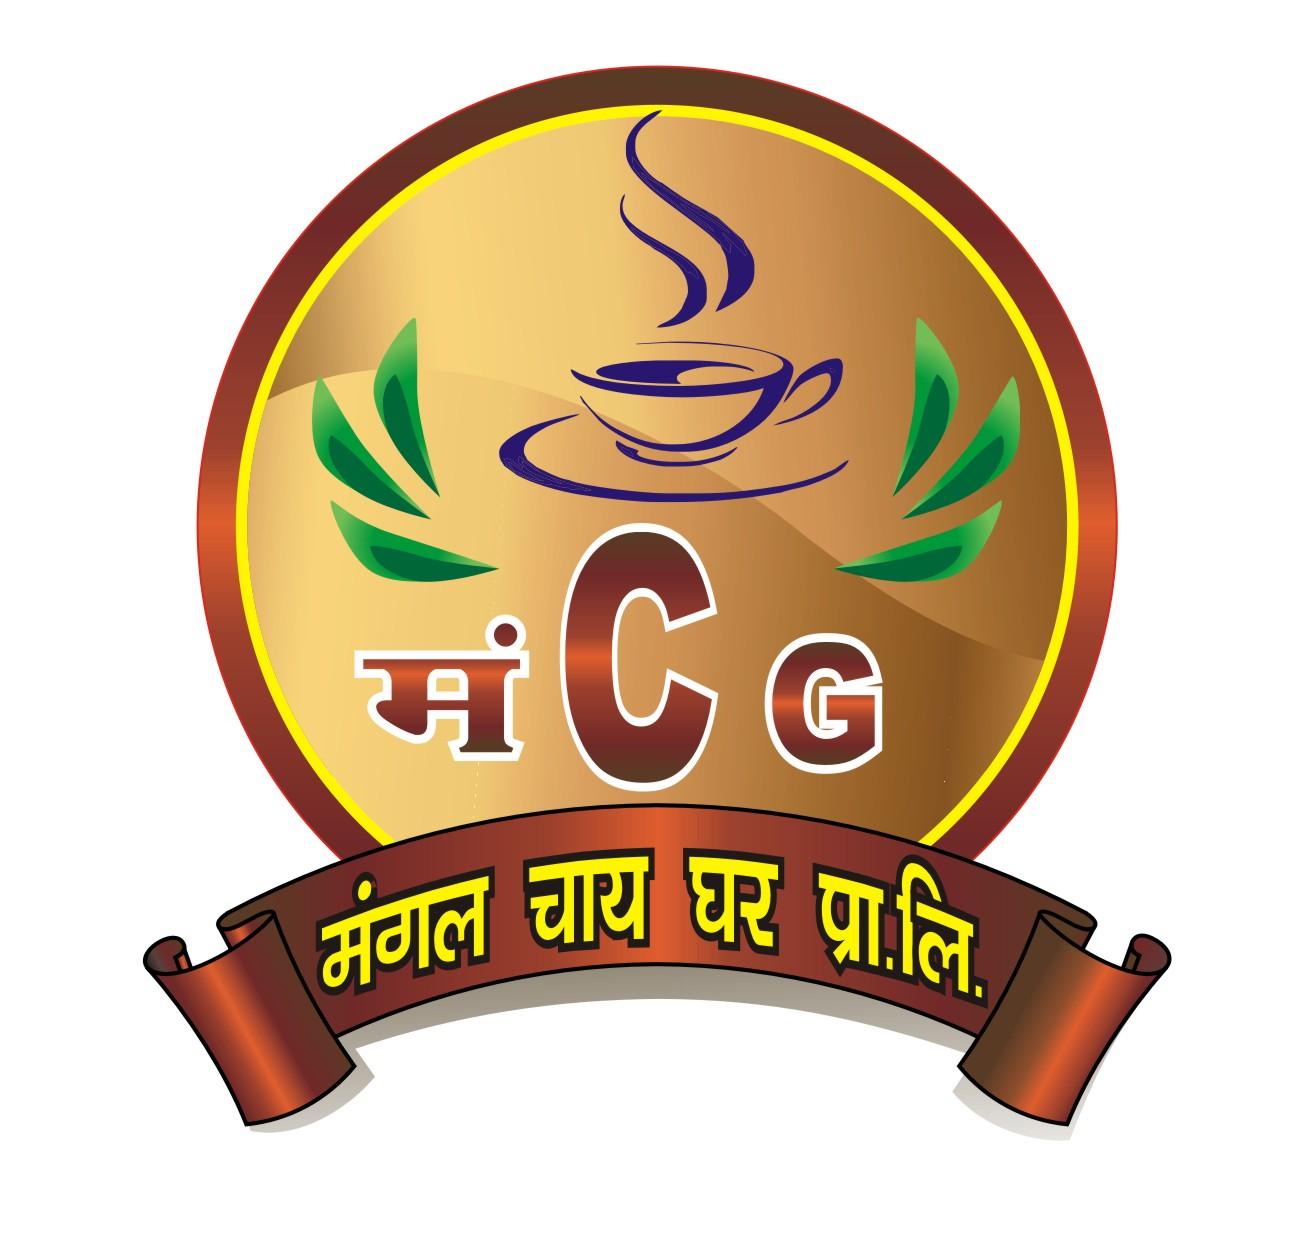 mangal chai ghar